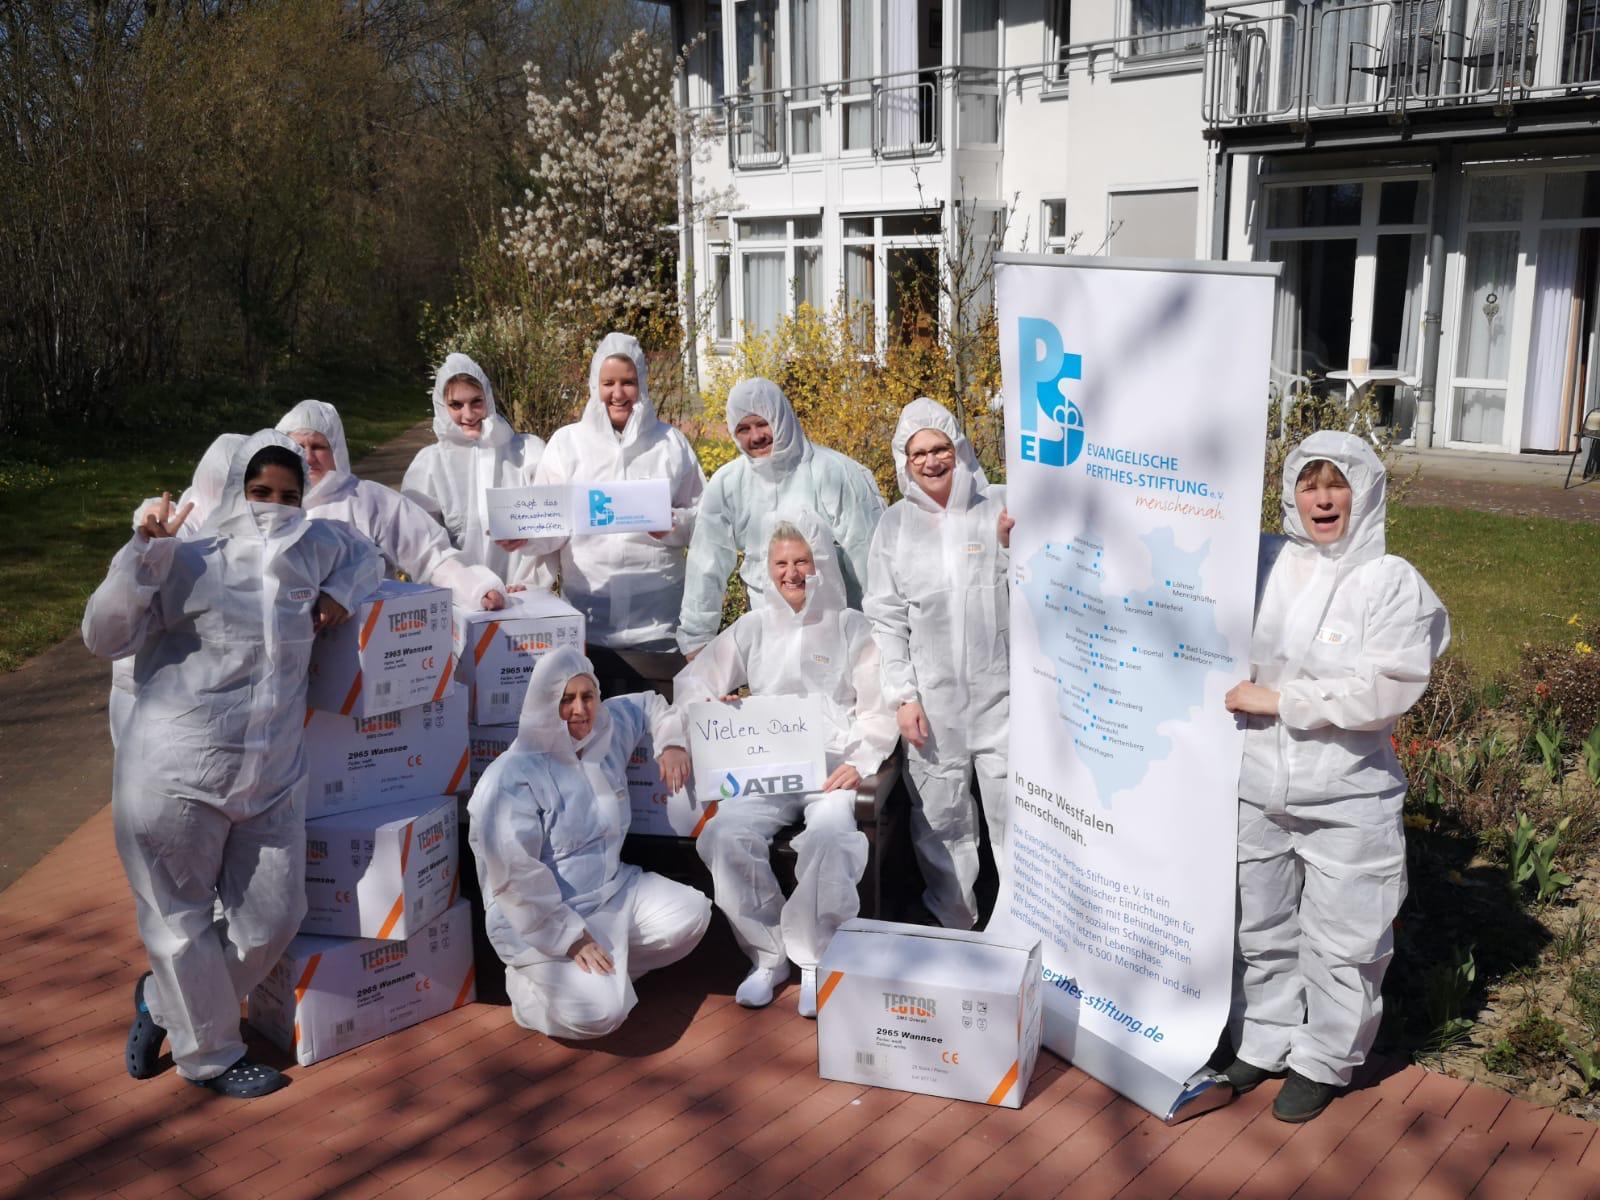 ATB hilft Altenheim - Personen in Schutzausrüstung